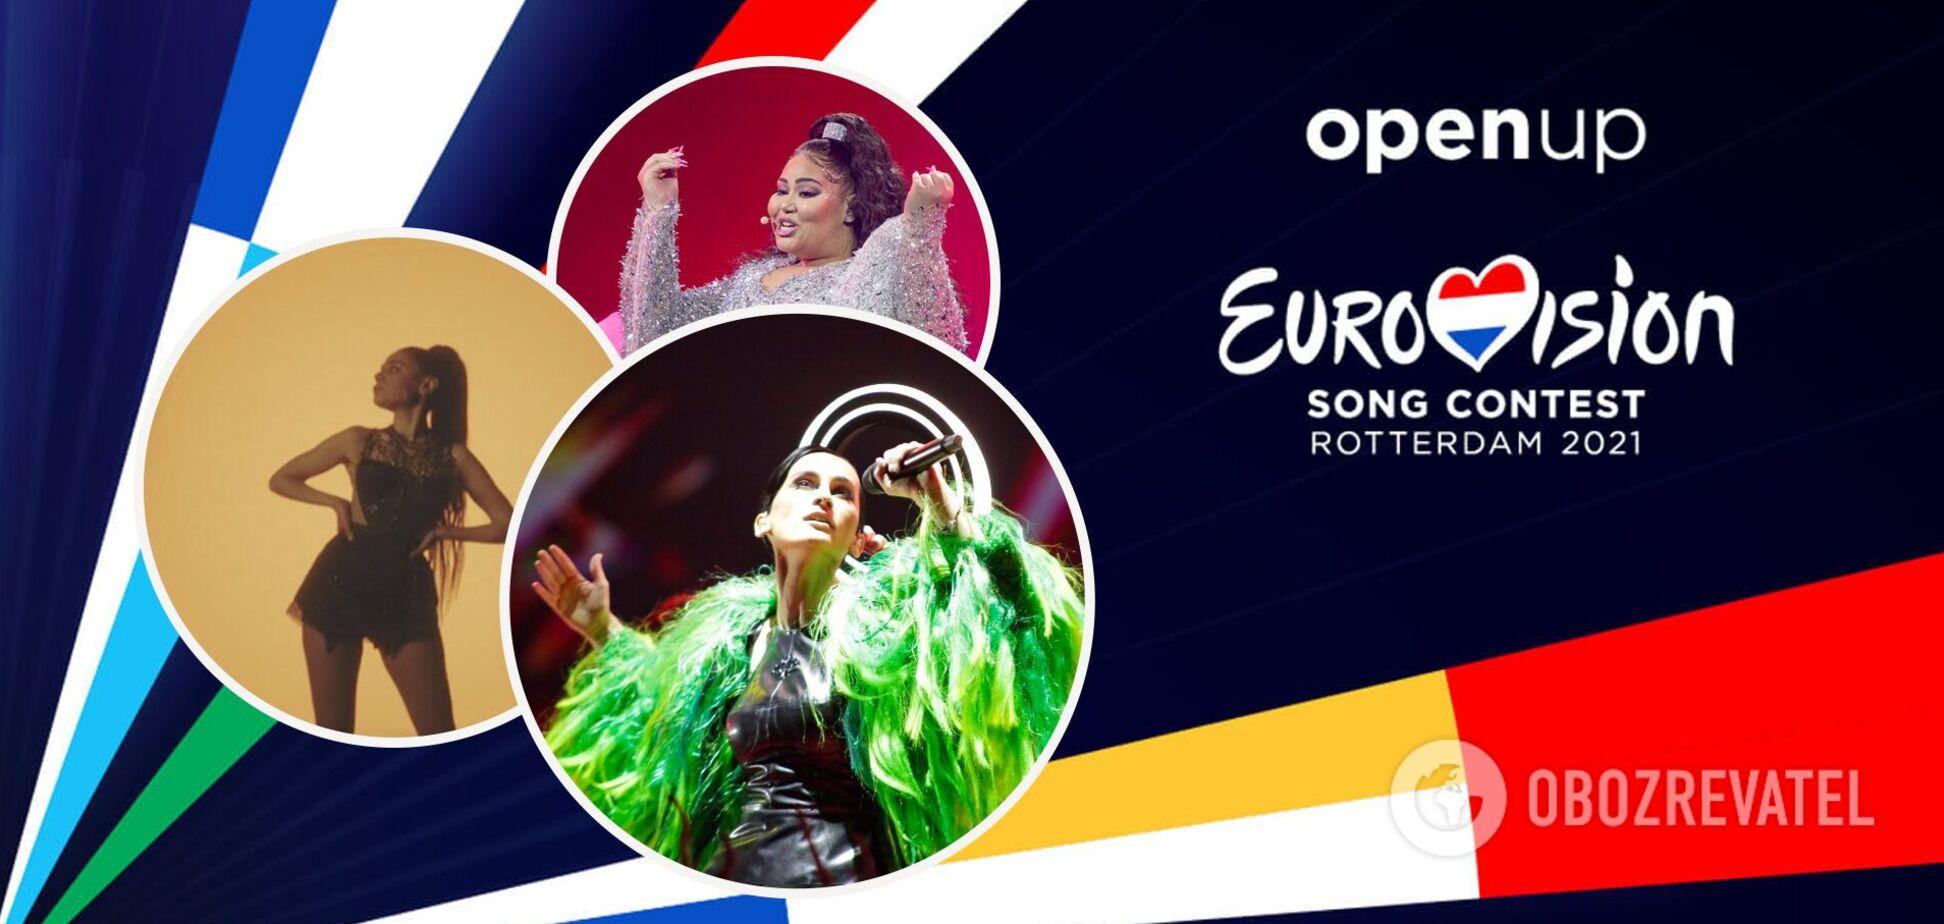 Євробачення 2021: Україна пройшла у фінал конкурсу